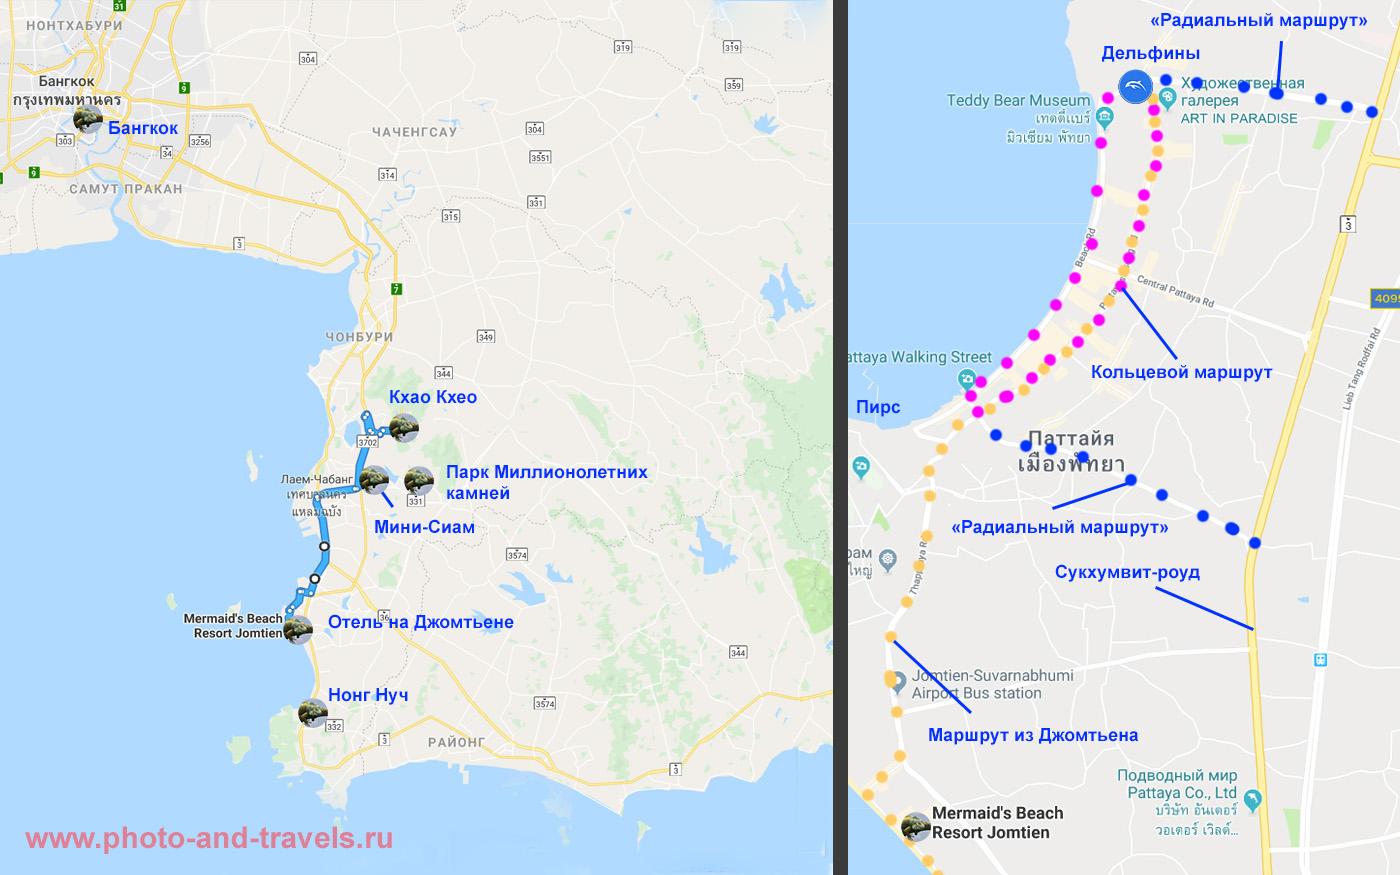 3. Карта маршрута поездки в зоопарк «Кхао Кхео» из Паттайи. Как добраться сюда самостоятельно с детьми. Оранжеваый пунктир - тук-туки из Джомтьена в центр; синий - маршруты синих тук-туков отСукхумвит-роуд в центр; малиновый - кольцевая линия тук-туков.